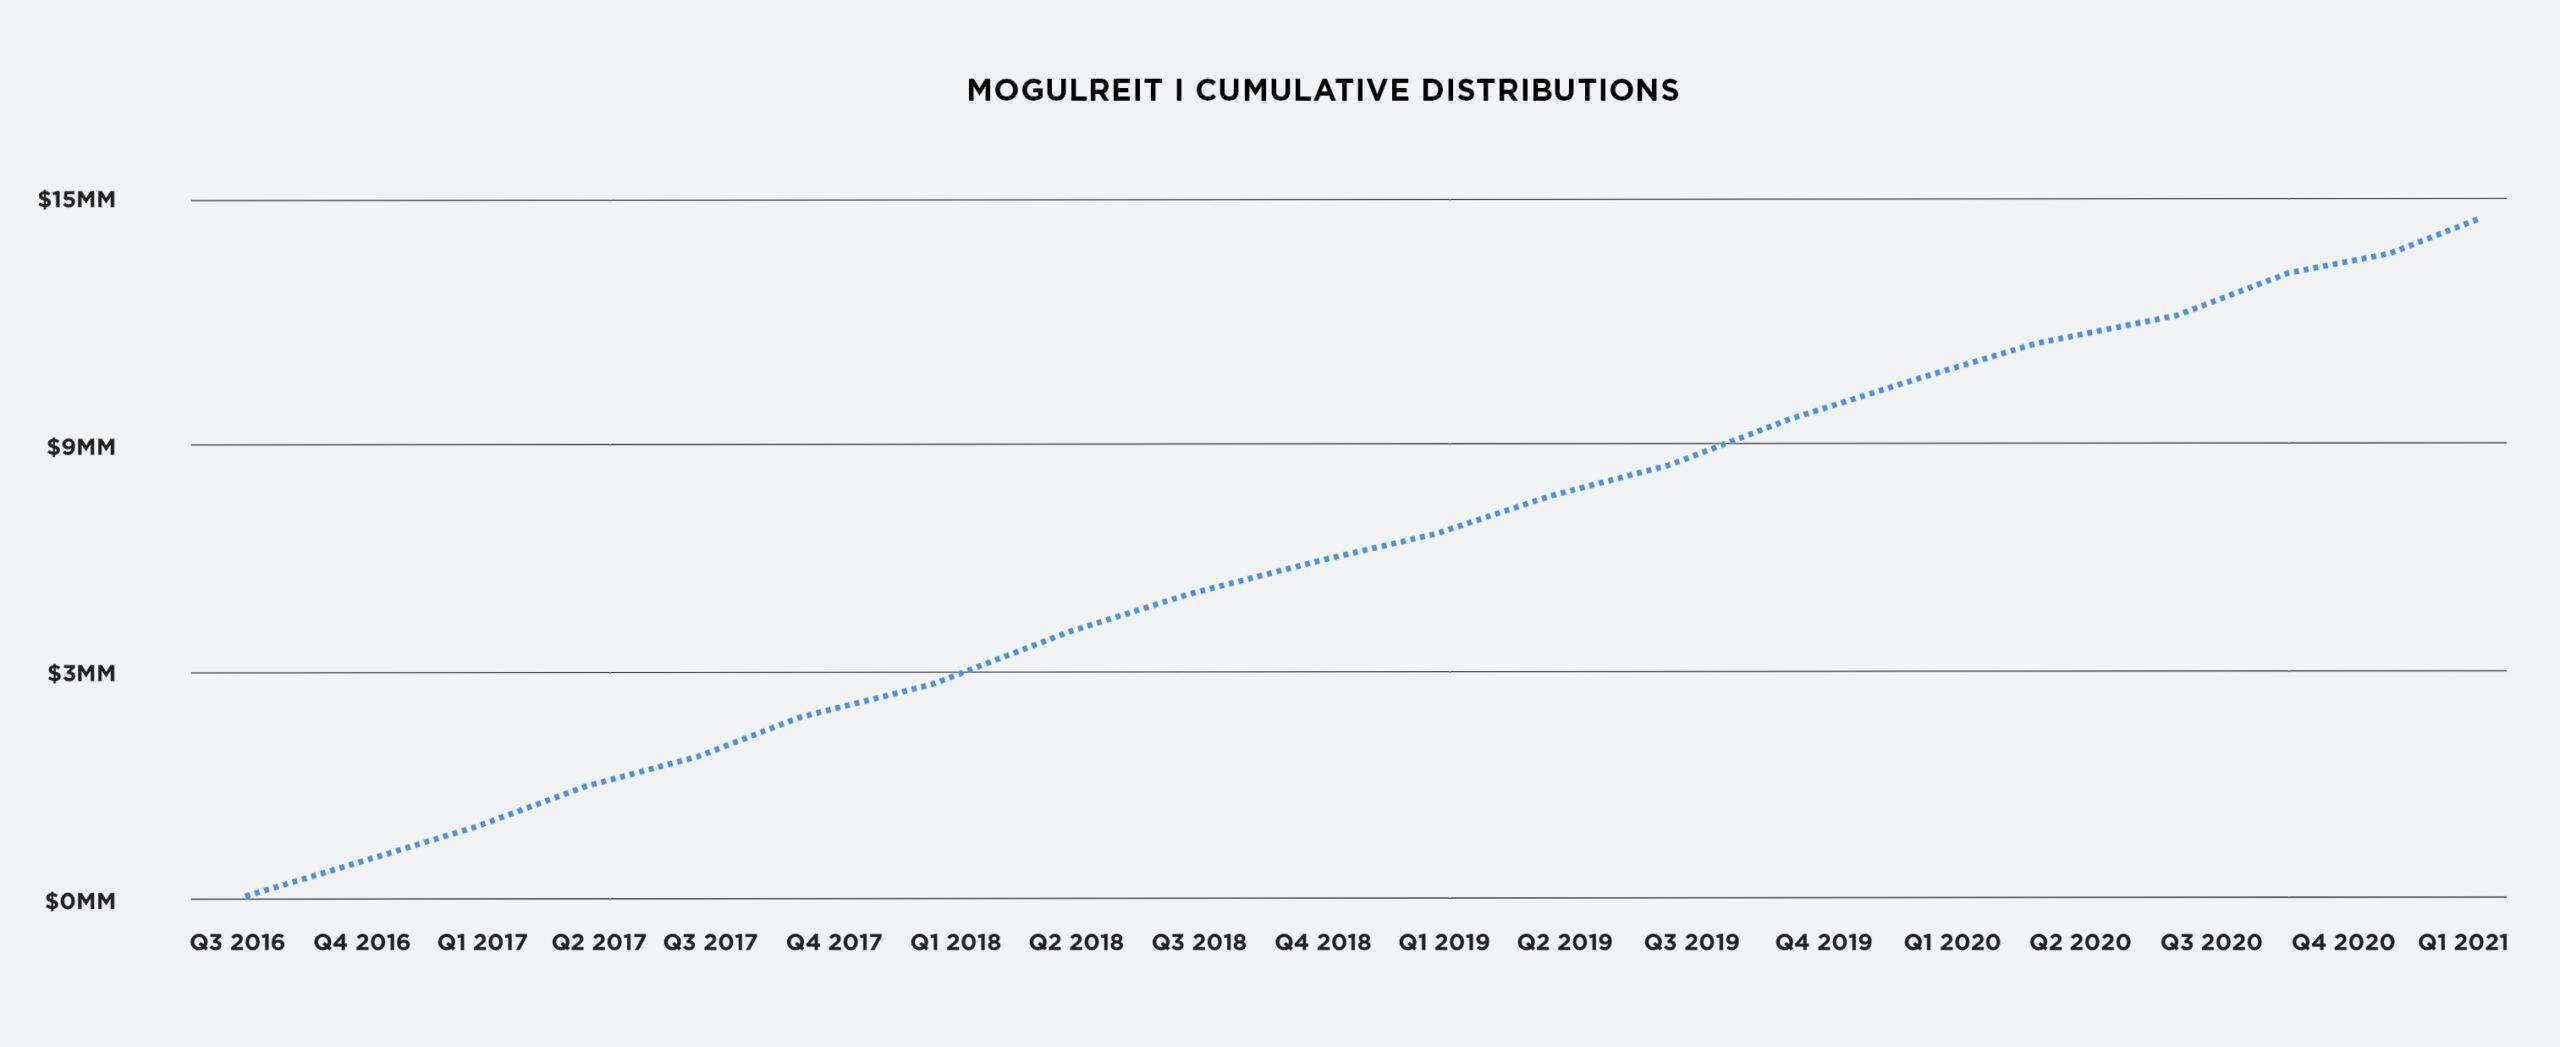 RealtyMogul MogulREIT I Cumulative Distributions Chart